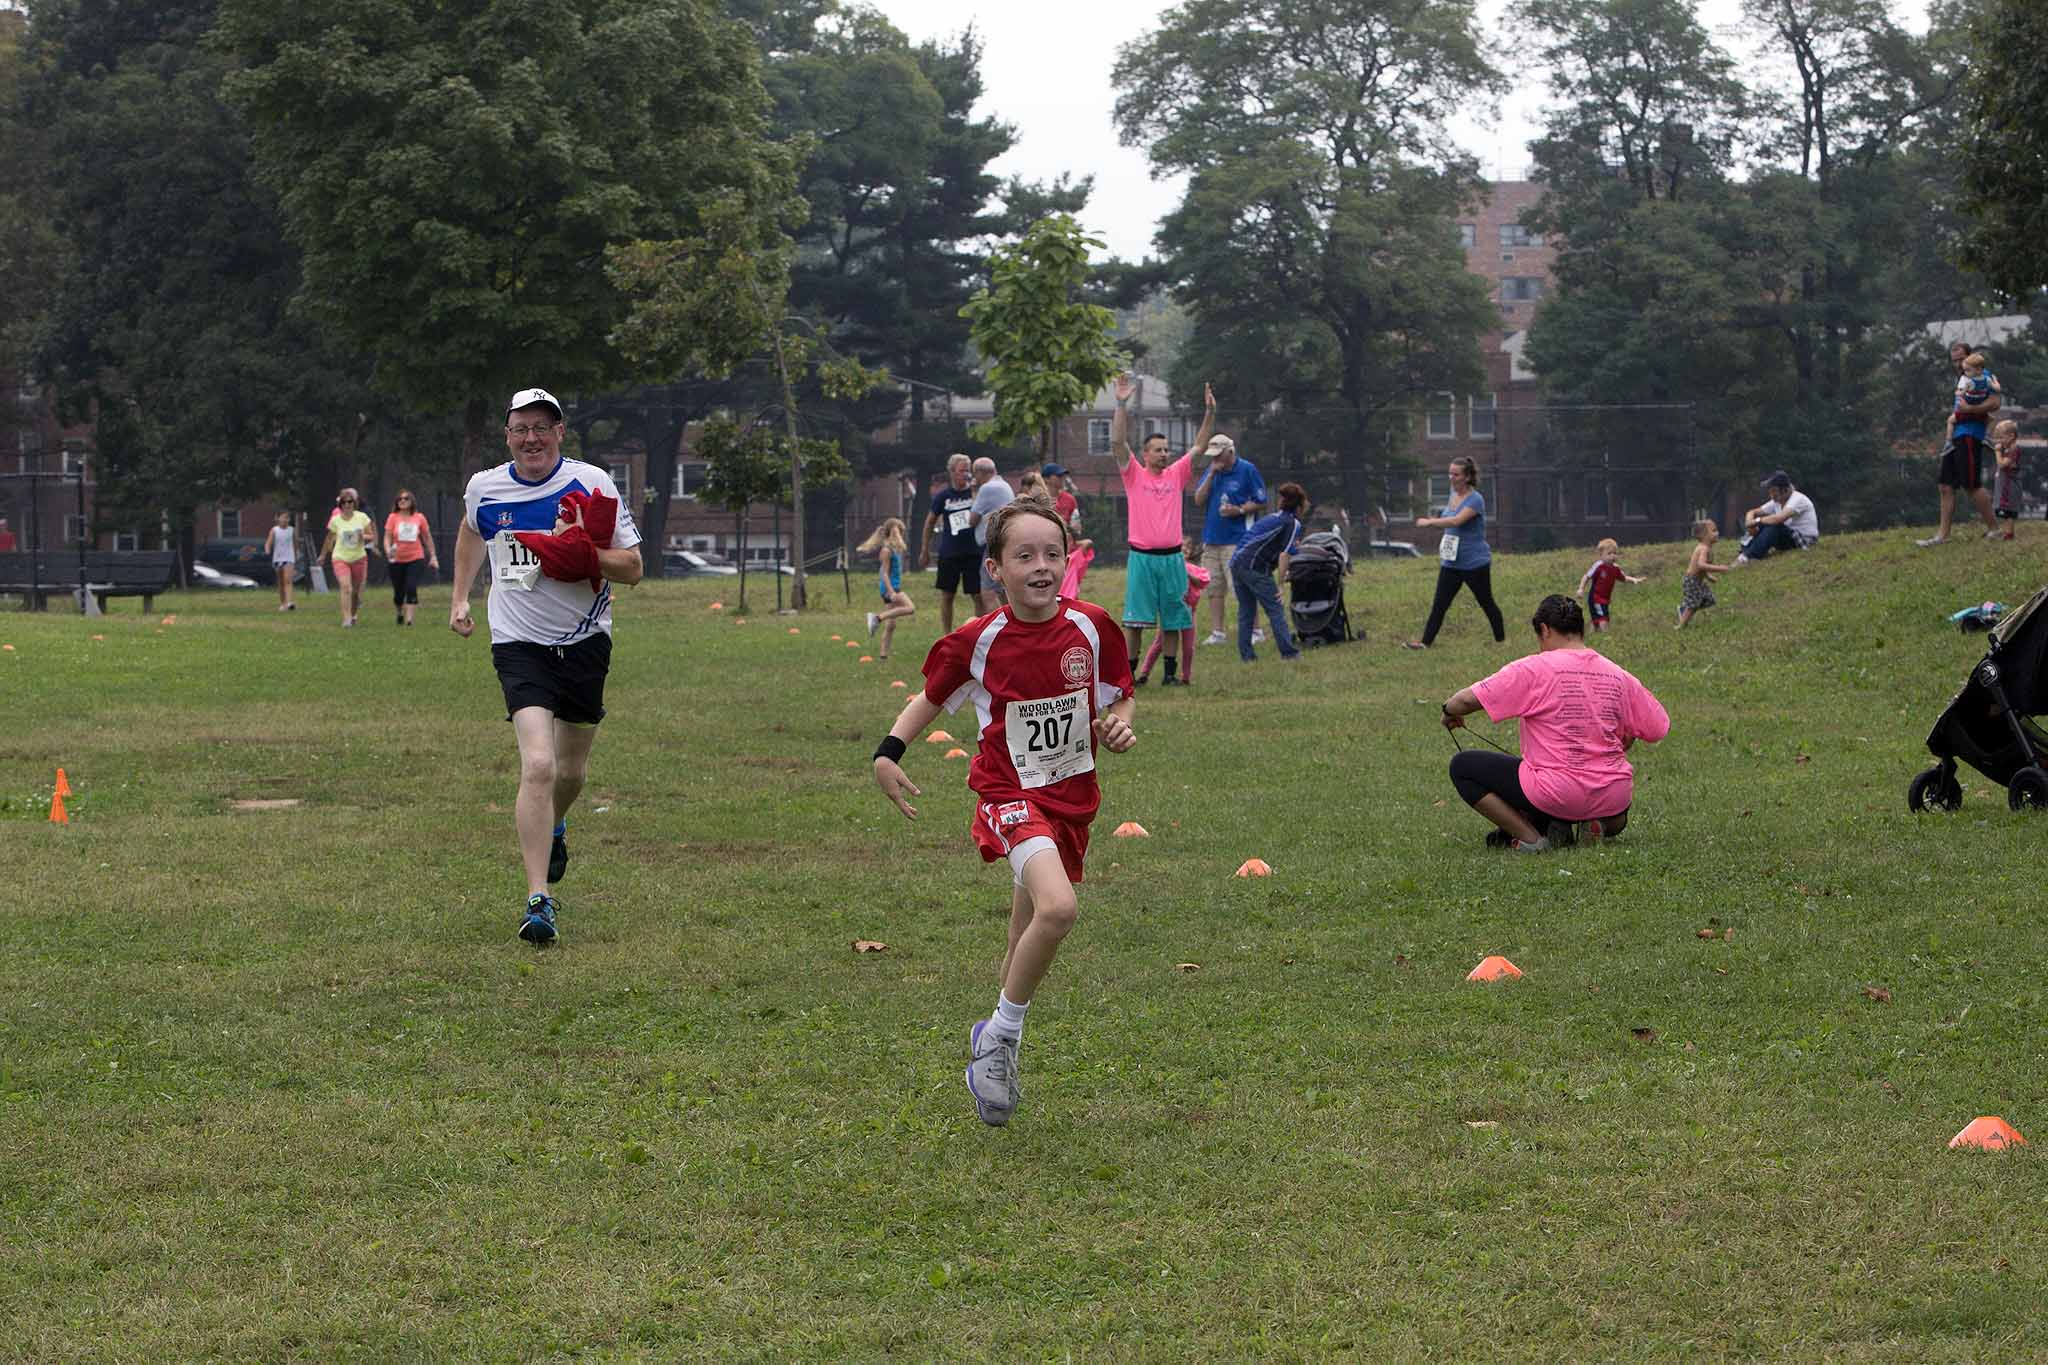 178-Woodlawn Run for a Cause-507.jpg